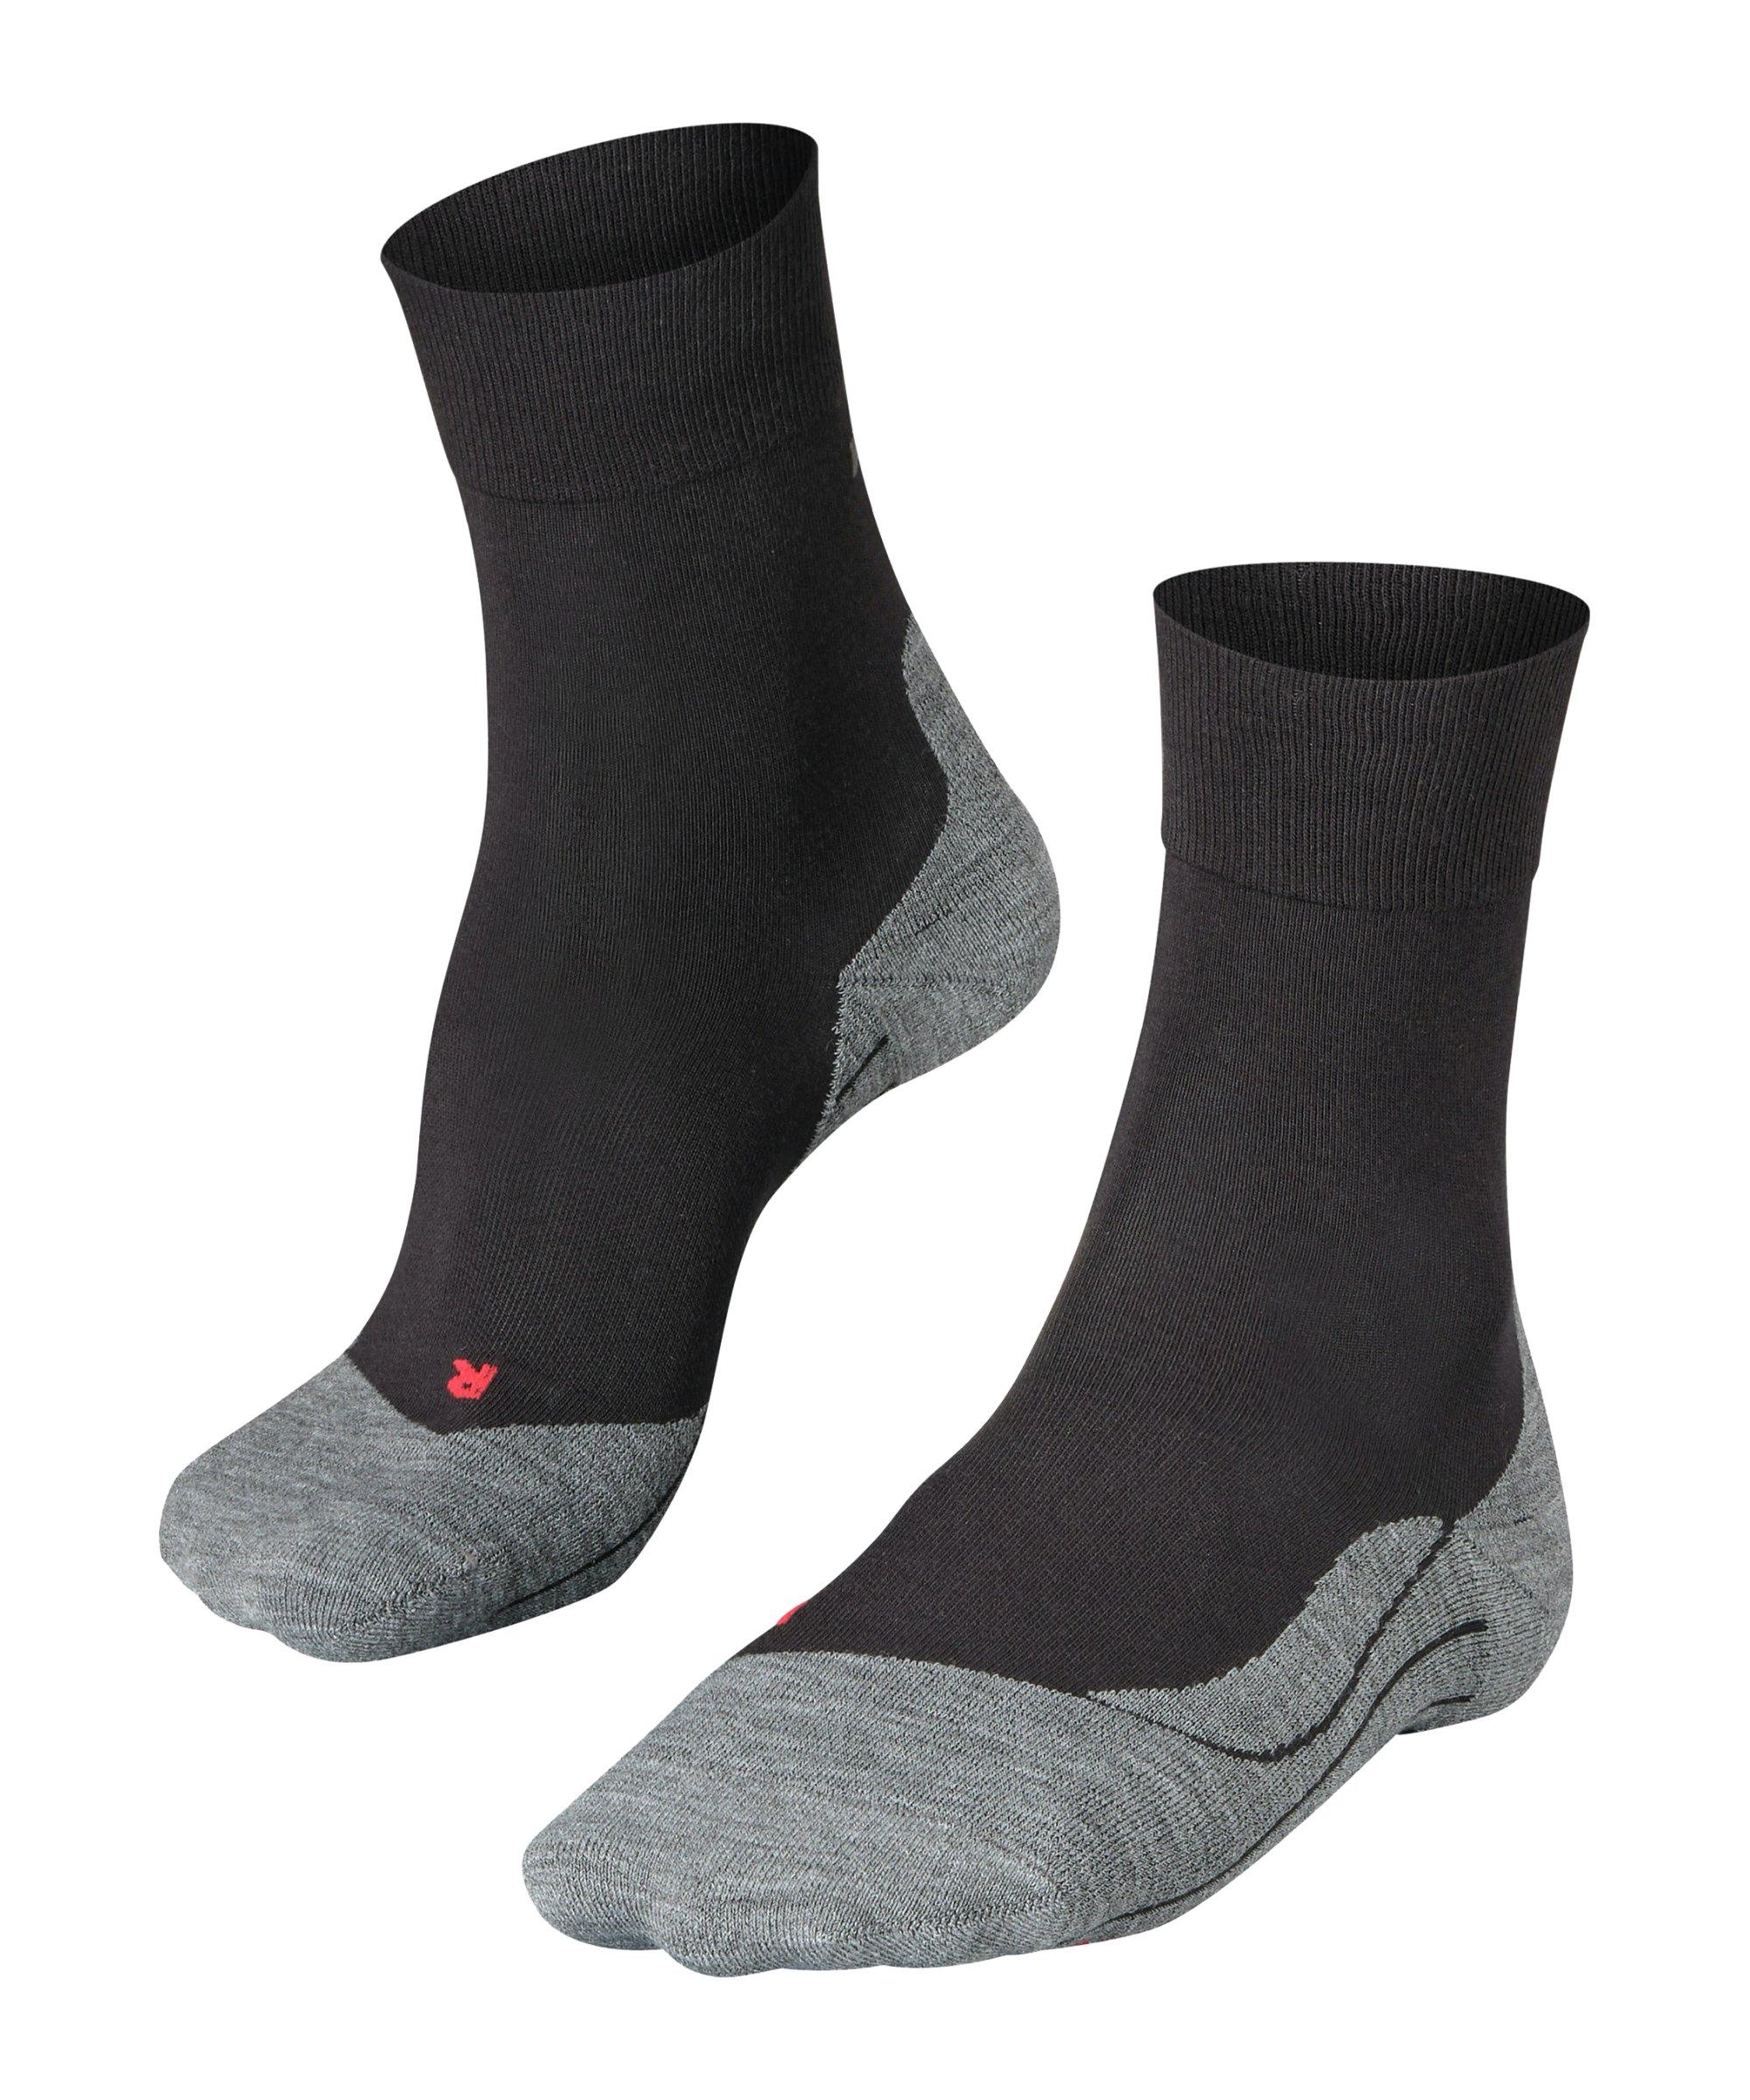 FALKE RU4 Socken Damen Schwarz F3010 - schwarz